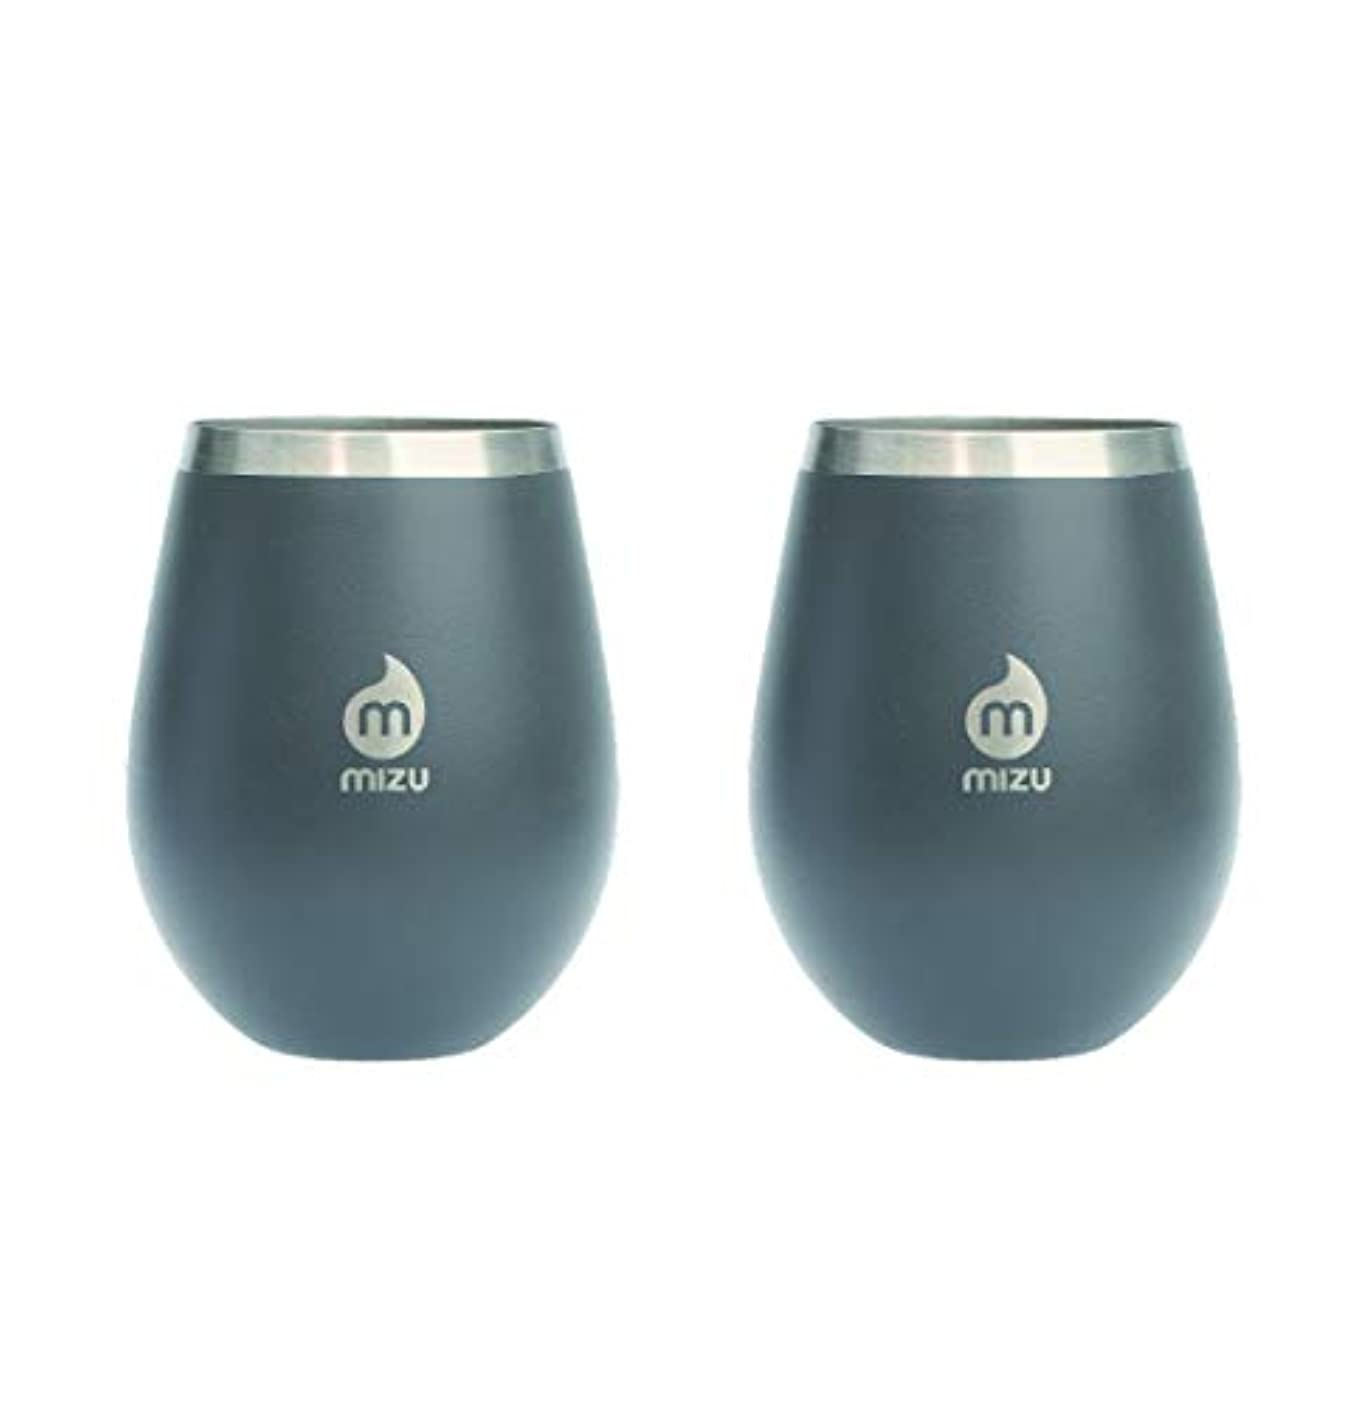 着る推進絶縁するmizu(ミズ) WINE CUP シングルウォール ステンレスワインカップ Enduro Gray [エンデューロ グレー] 500ml MIZUWCEGRY Enduro Gray [エンデューログレー]